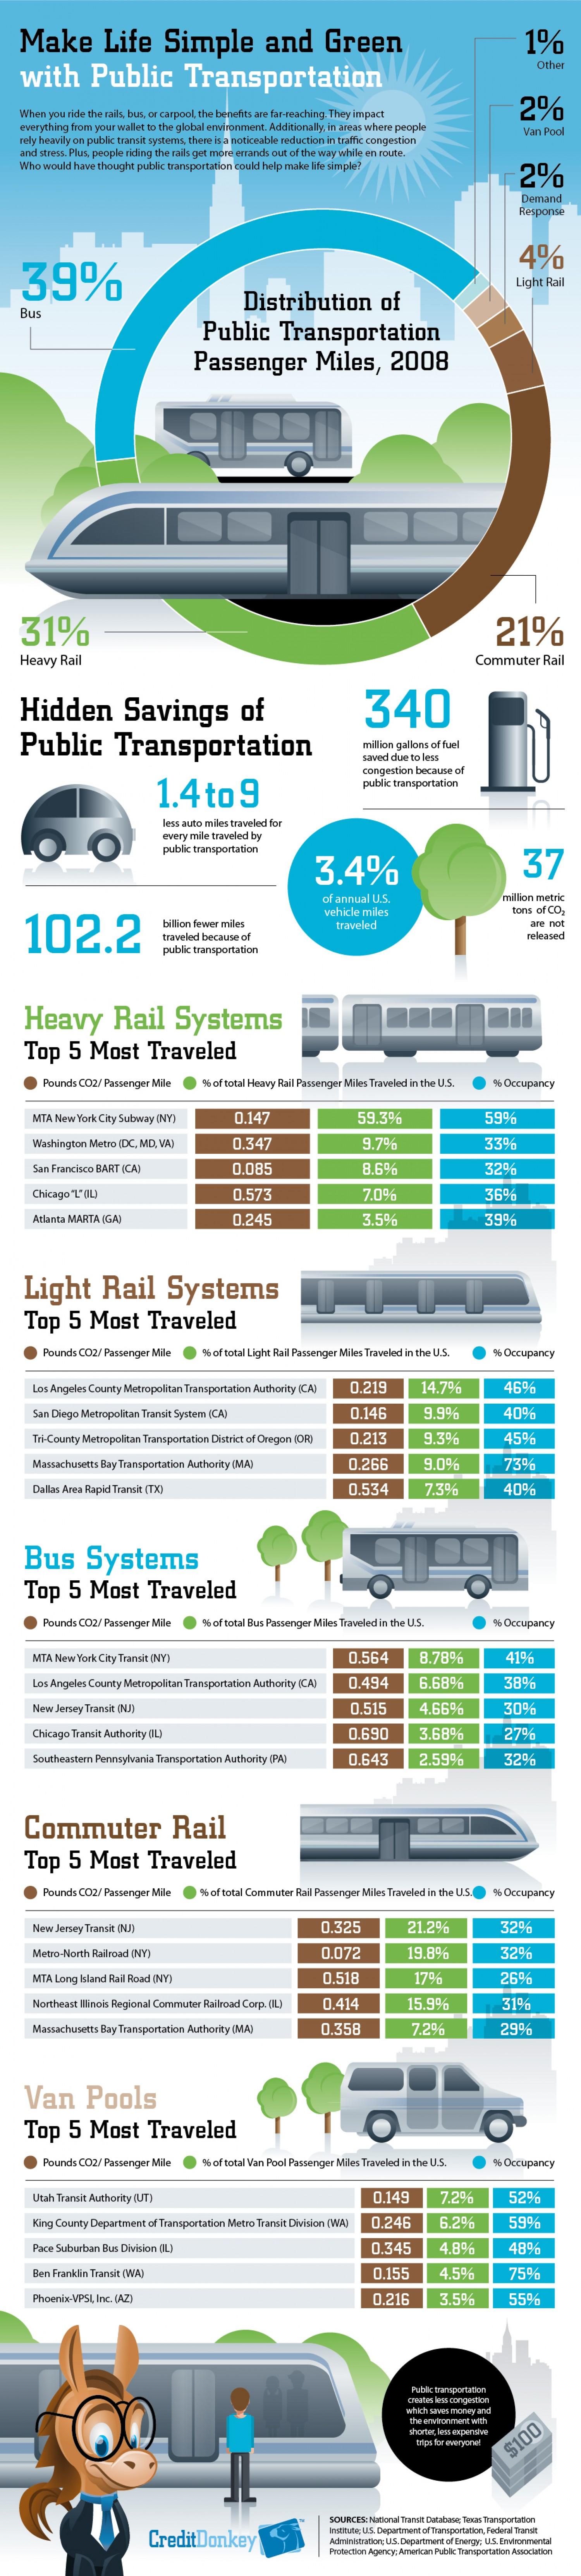 1. Public Transportation